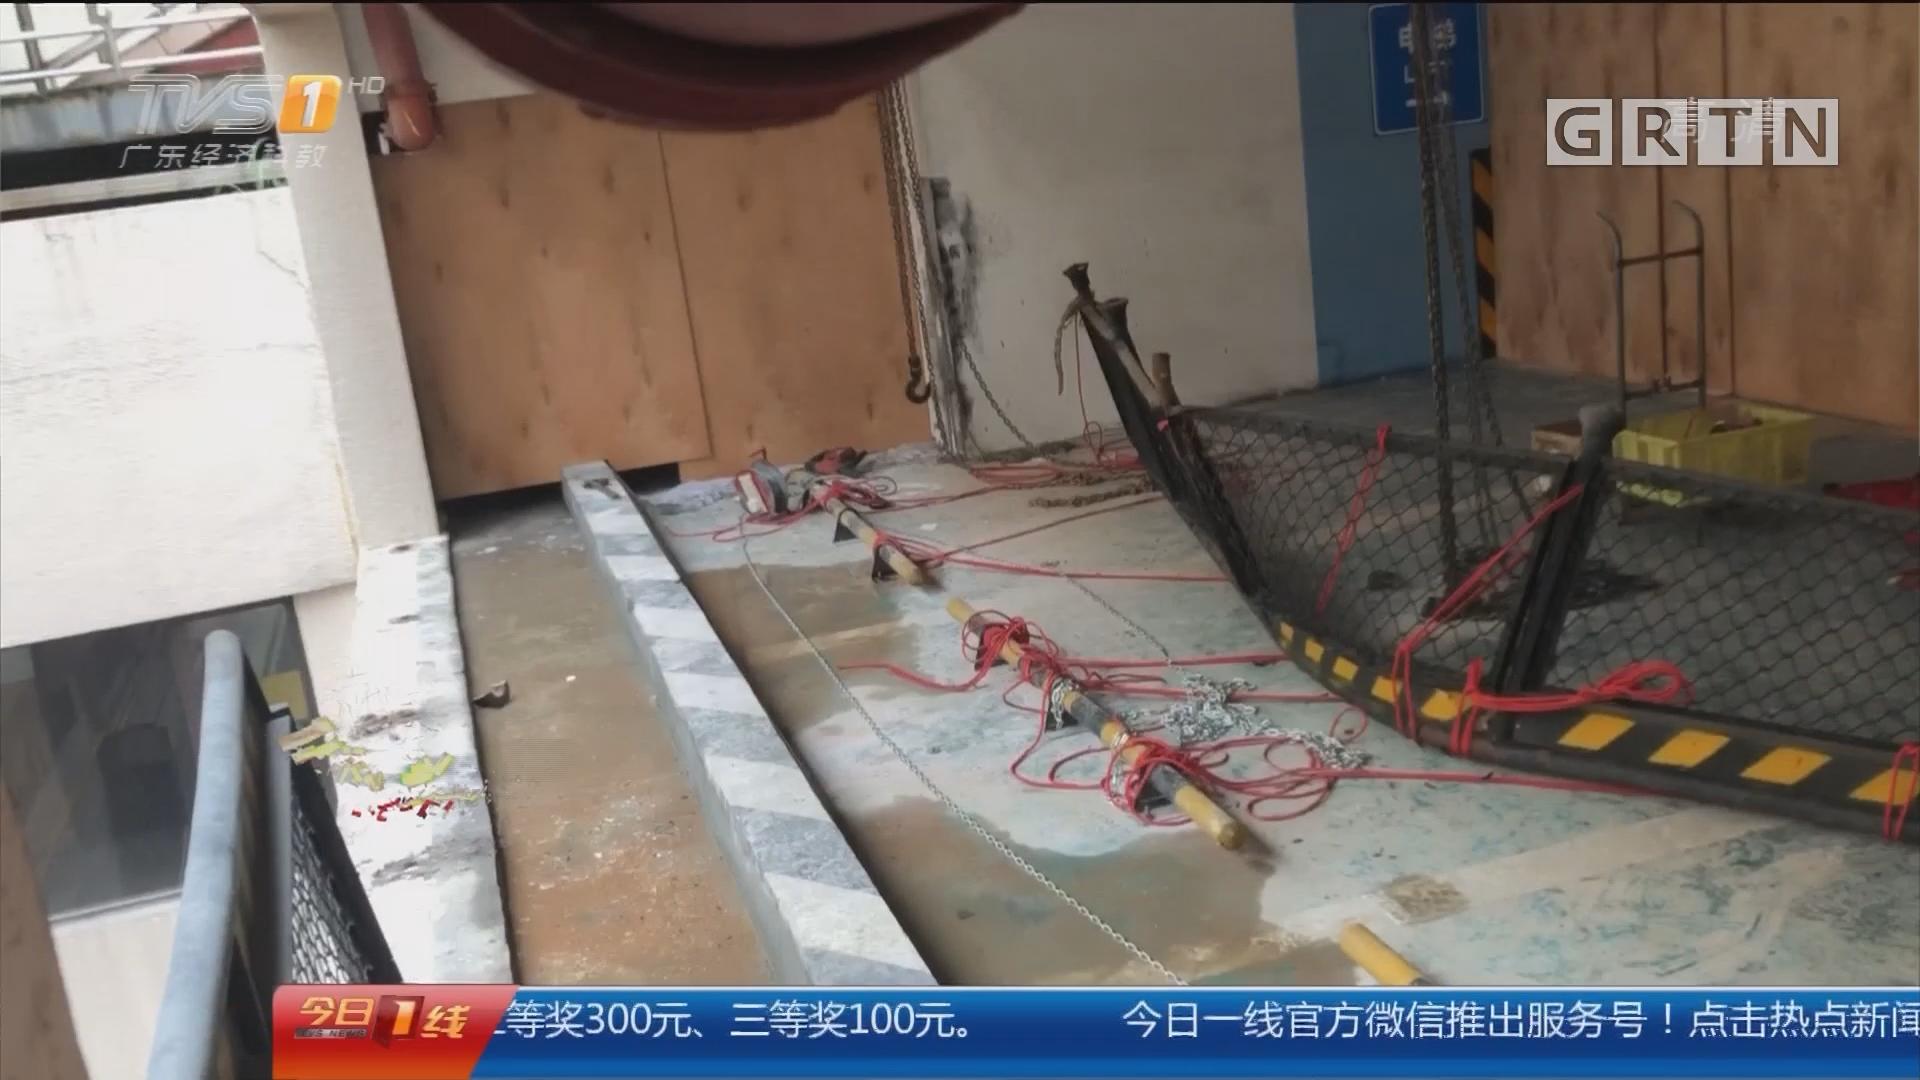 广州小车坠楼事件追踪:小车4楼坠落 出事停车位围蔽维修